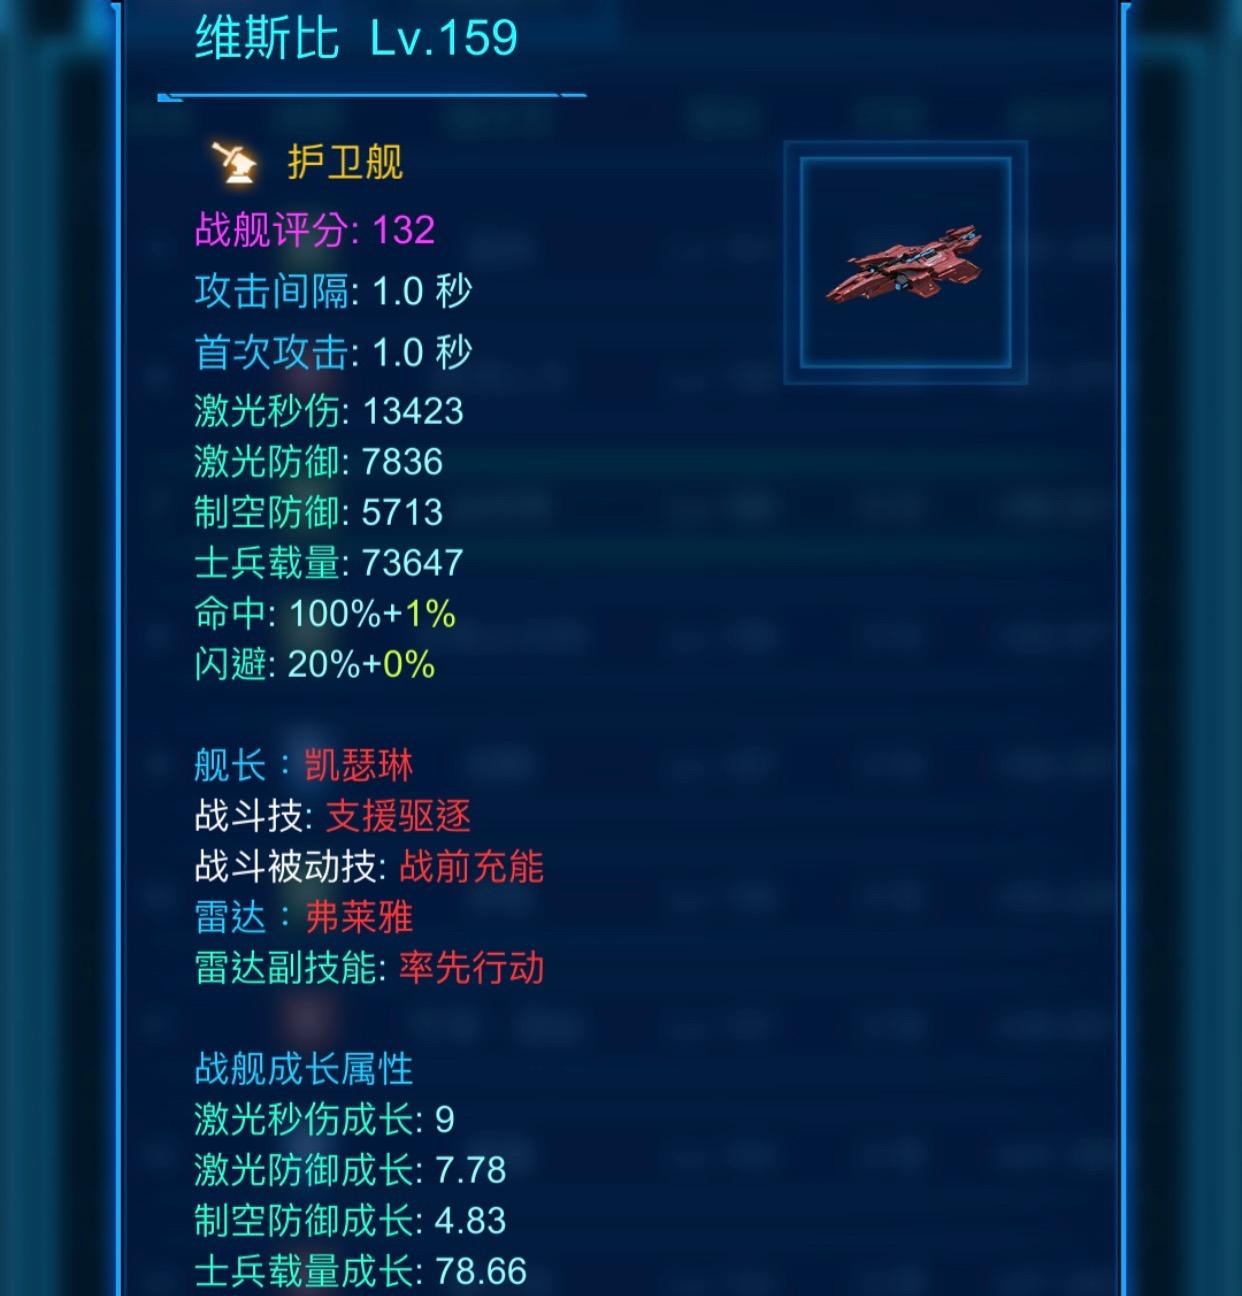 91F4D030-C3C3-4E52-AF01-9939101F305D.jpeg